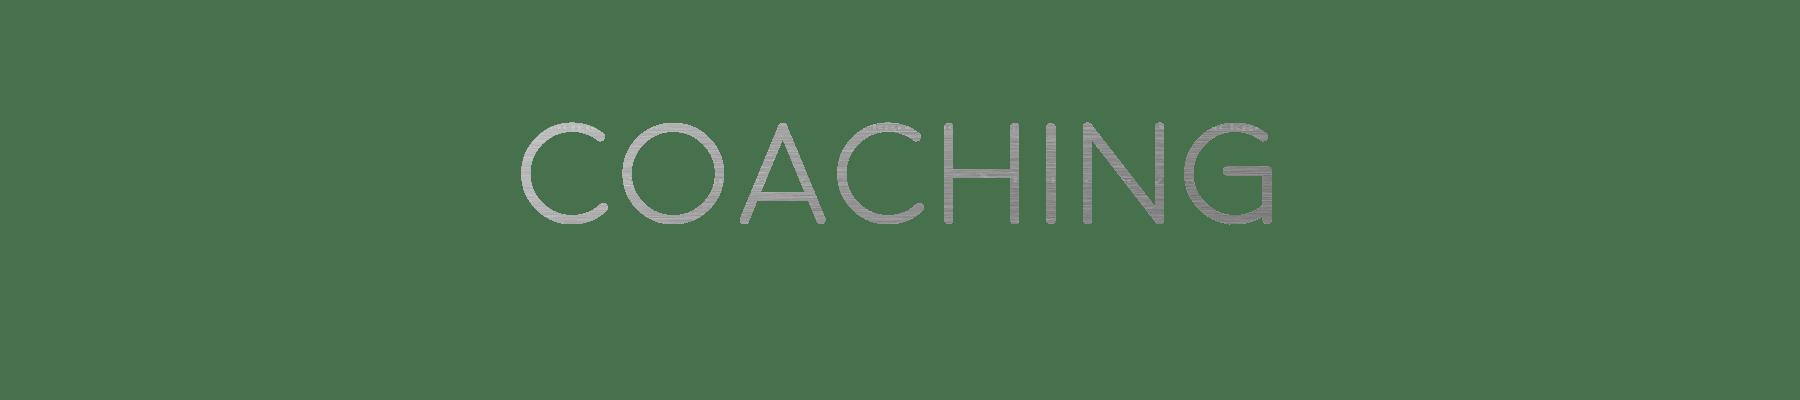 Coaching New@2x